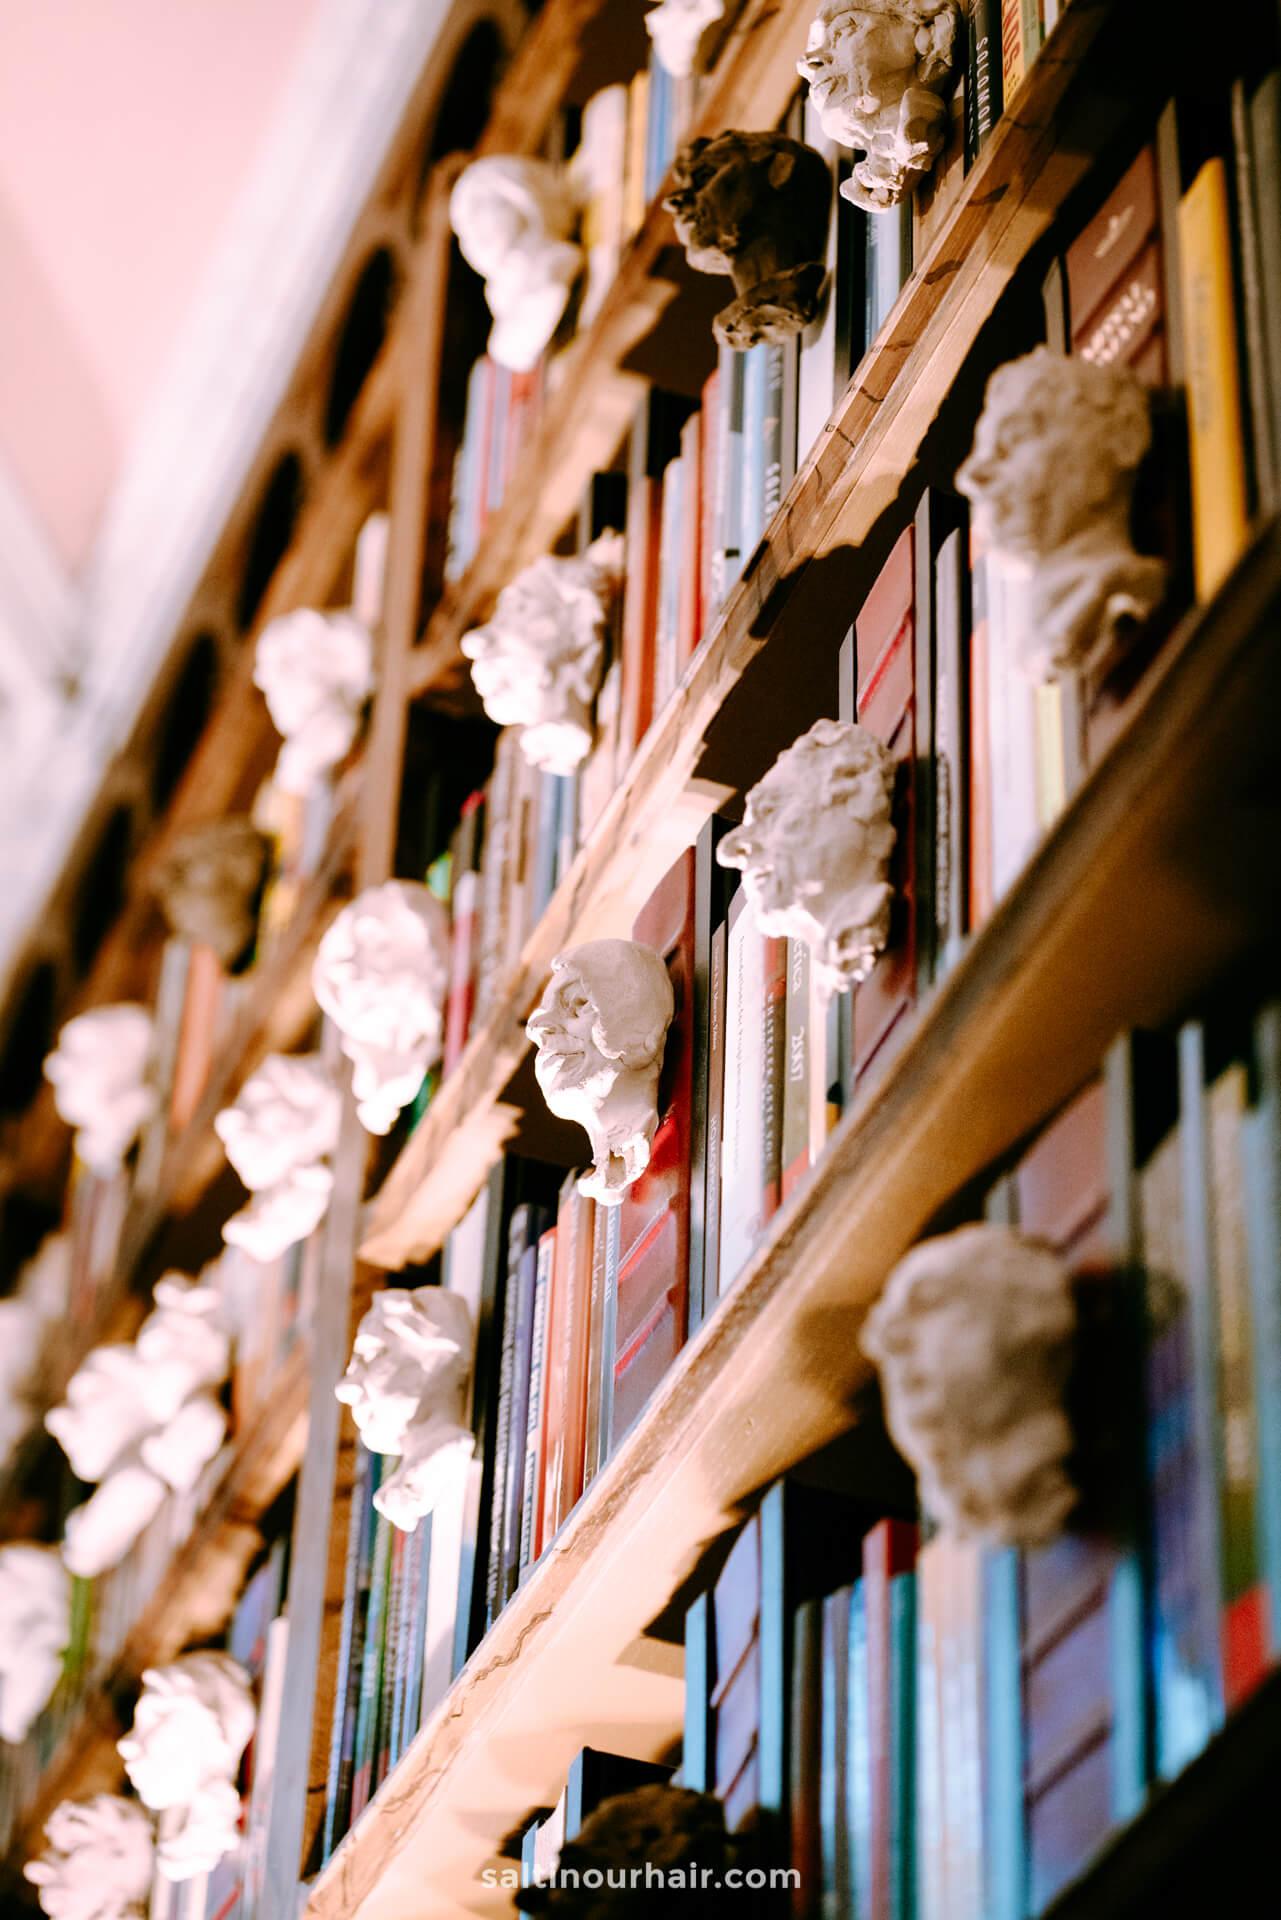 boeken porto